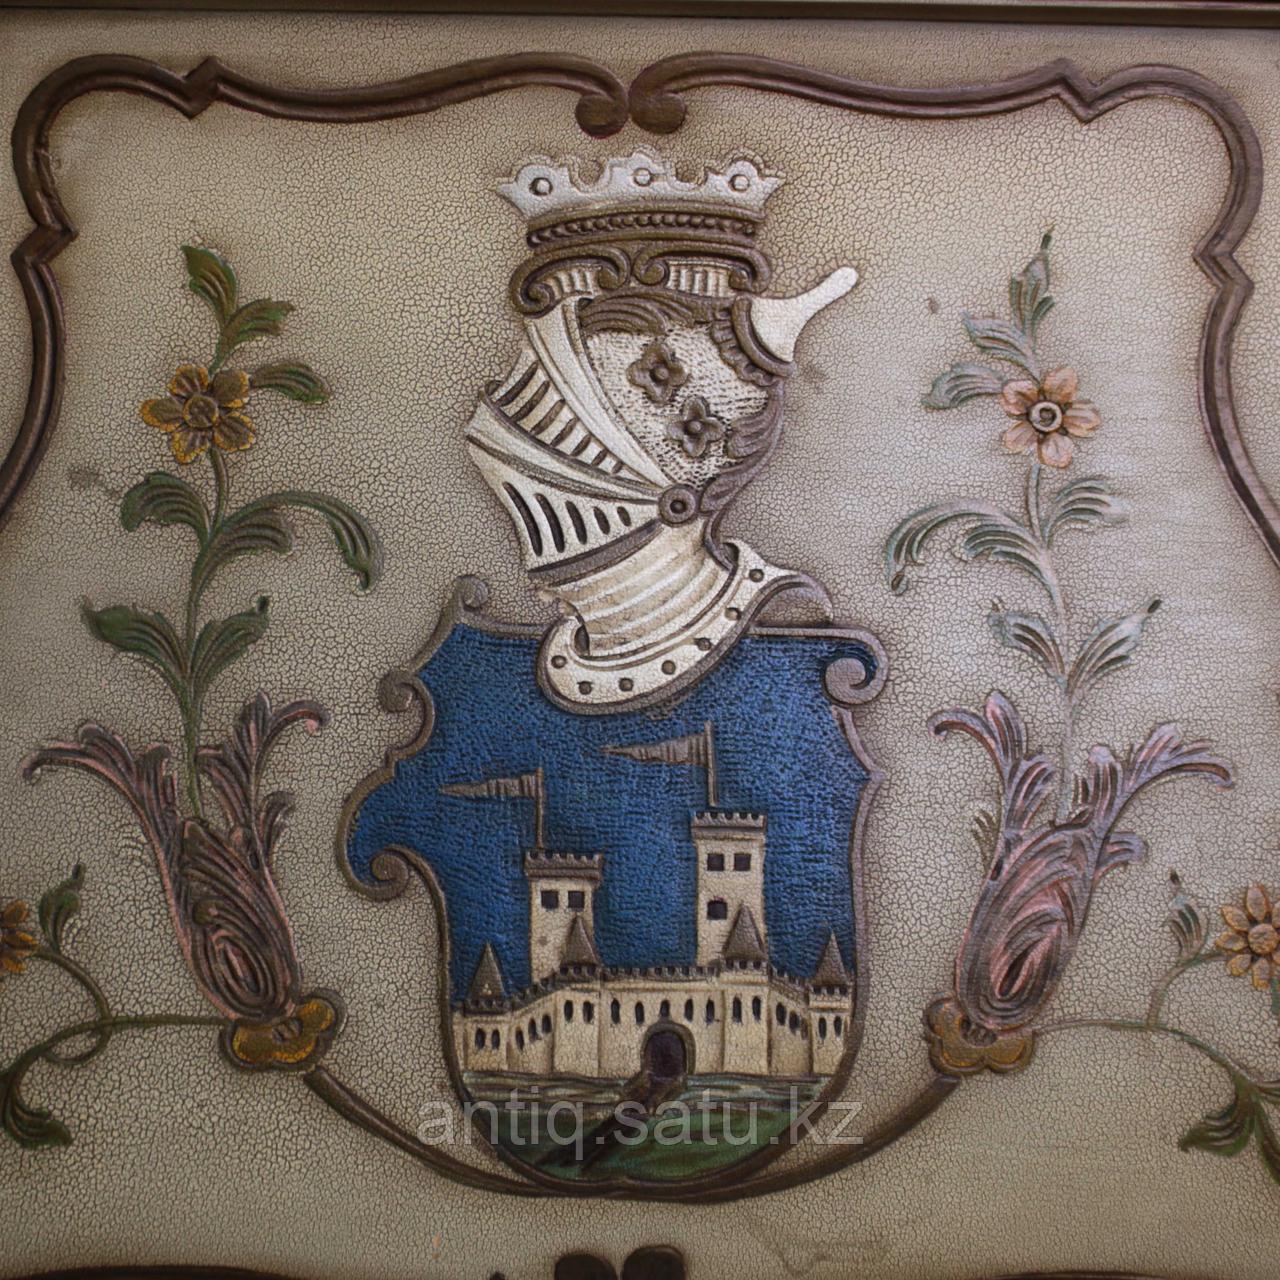 Напольные часы с рыцарским гербом. Германия. Середина ХХ века - фото 8